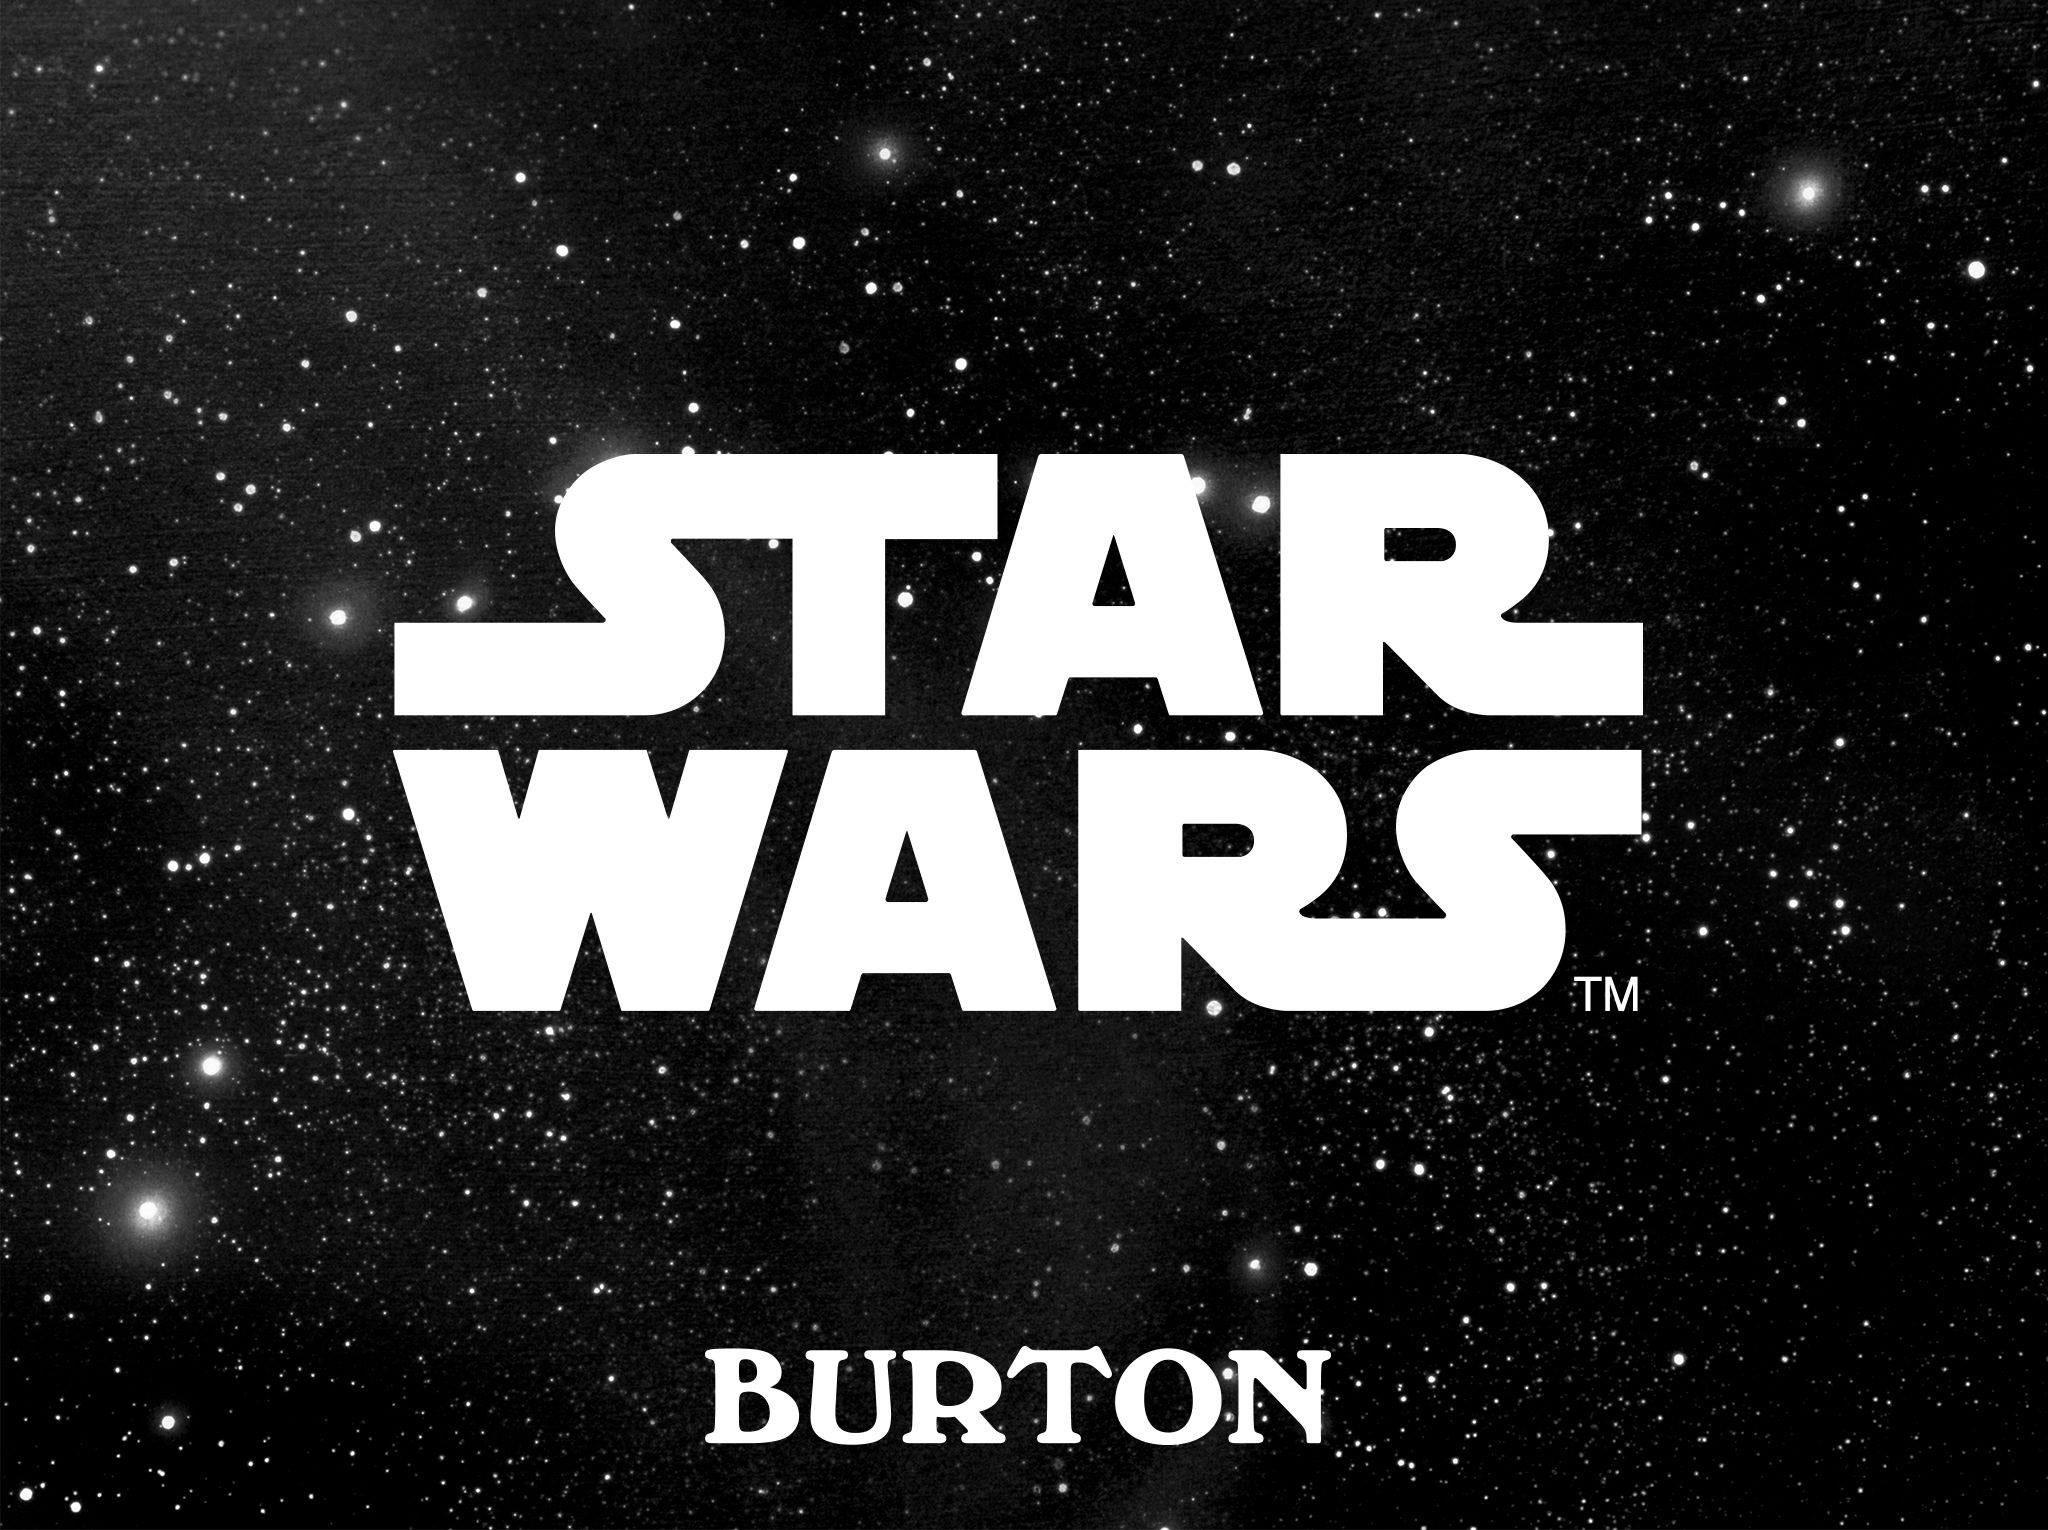 star wars rouge one burton